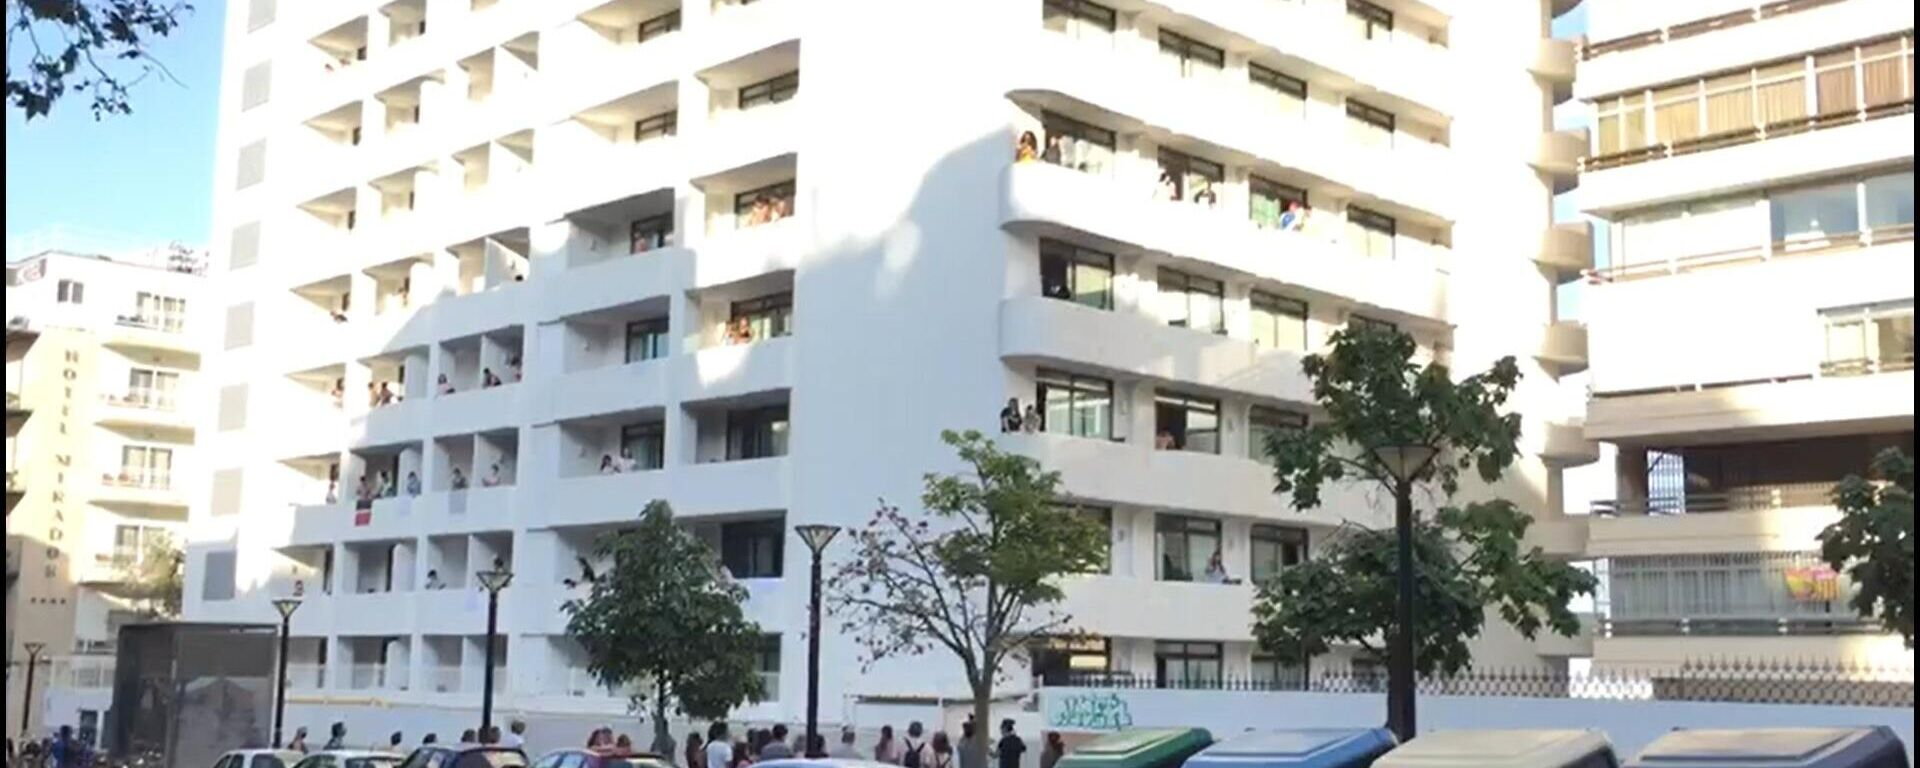 Balcones del hotel COVID-19 donde están aislados los alumnos de otras CCAA por el macrobrote asociado a viajes de estudios de Mallorca - Sputnik Mundo, 1920, 30.06.2021